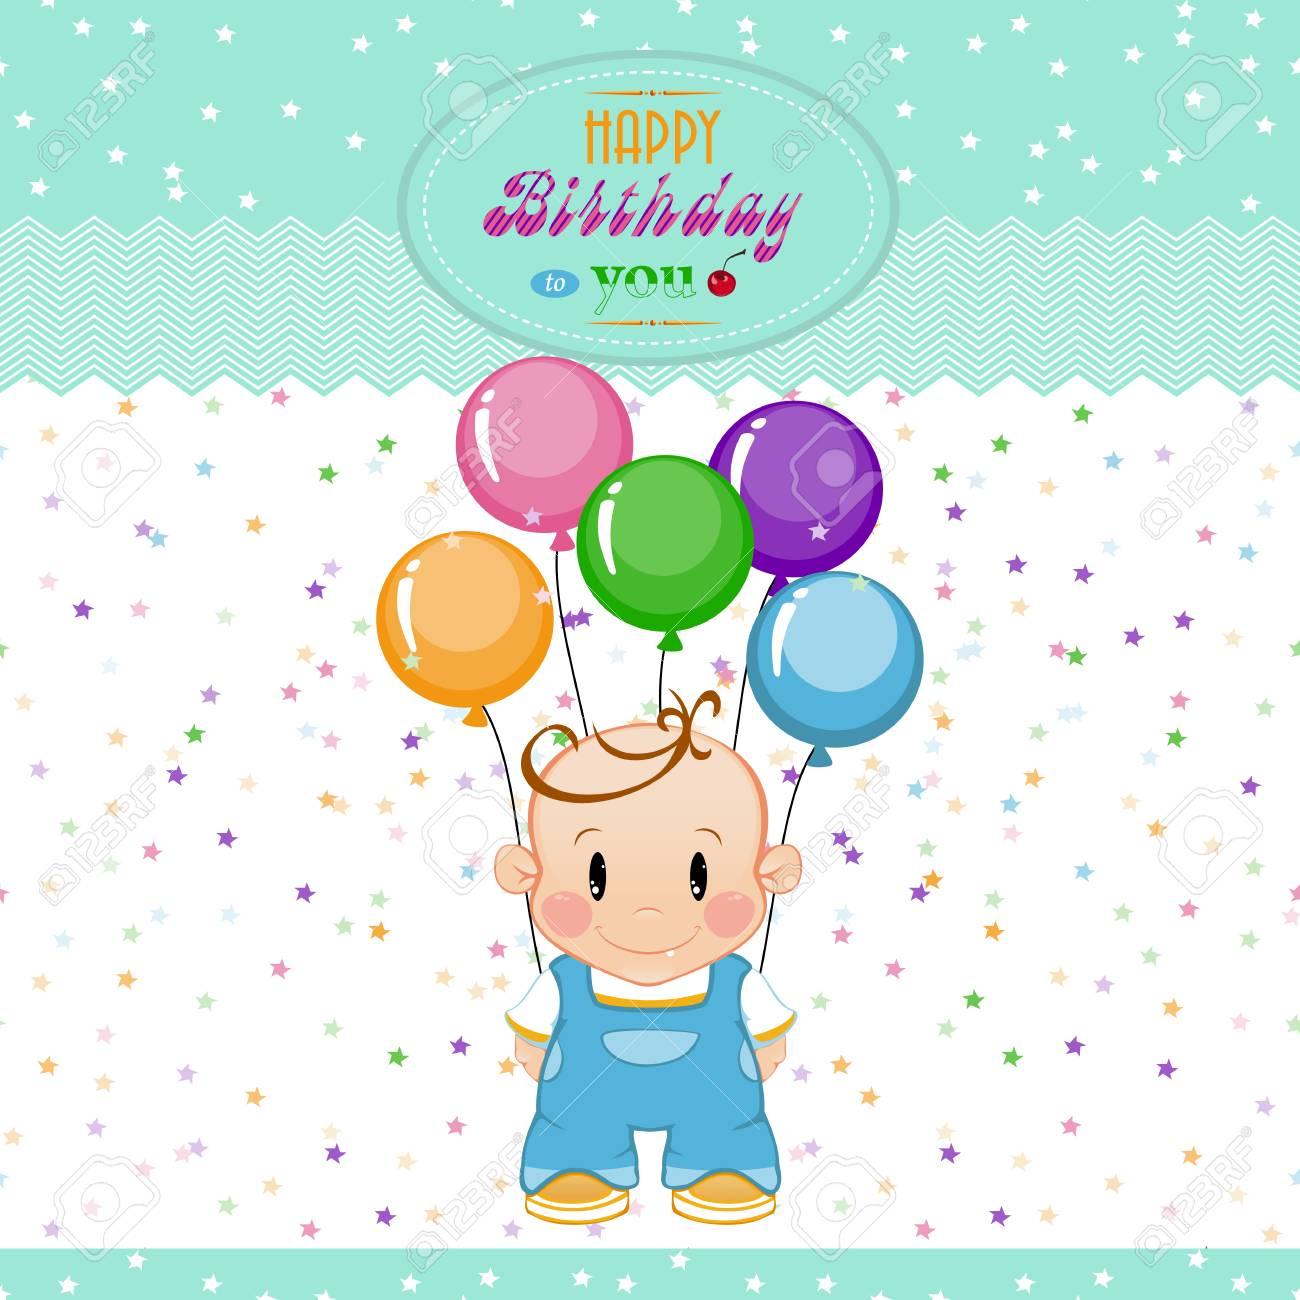 Een Kleine Jongen Met Opblaasbare Ballen En Sterren De Verjaardag